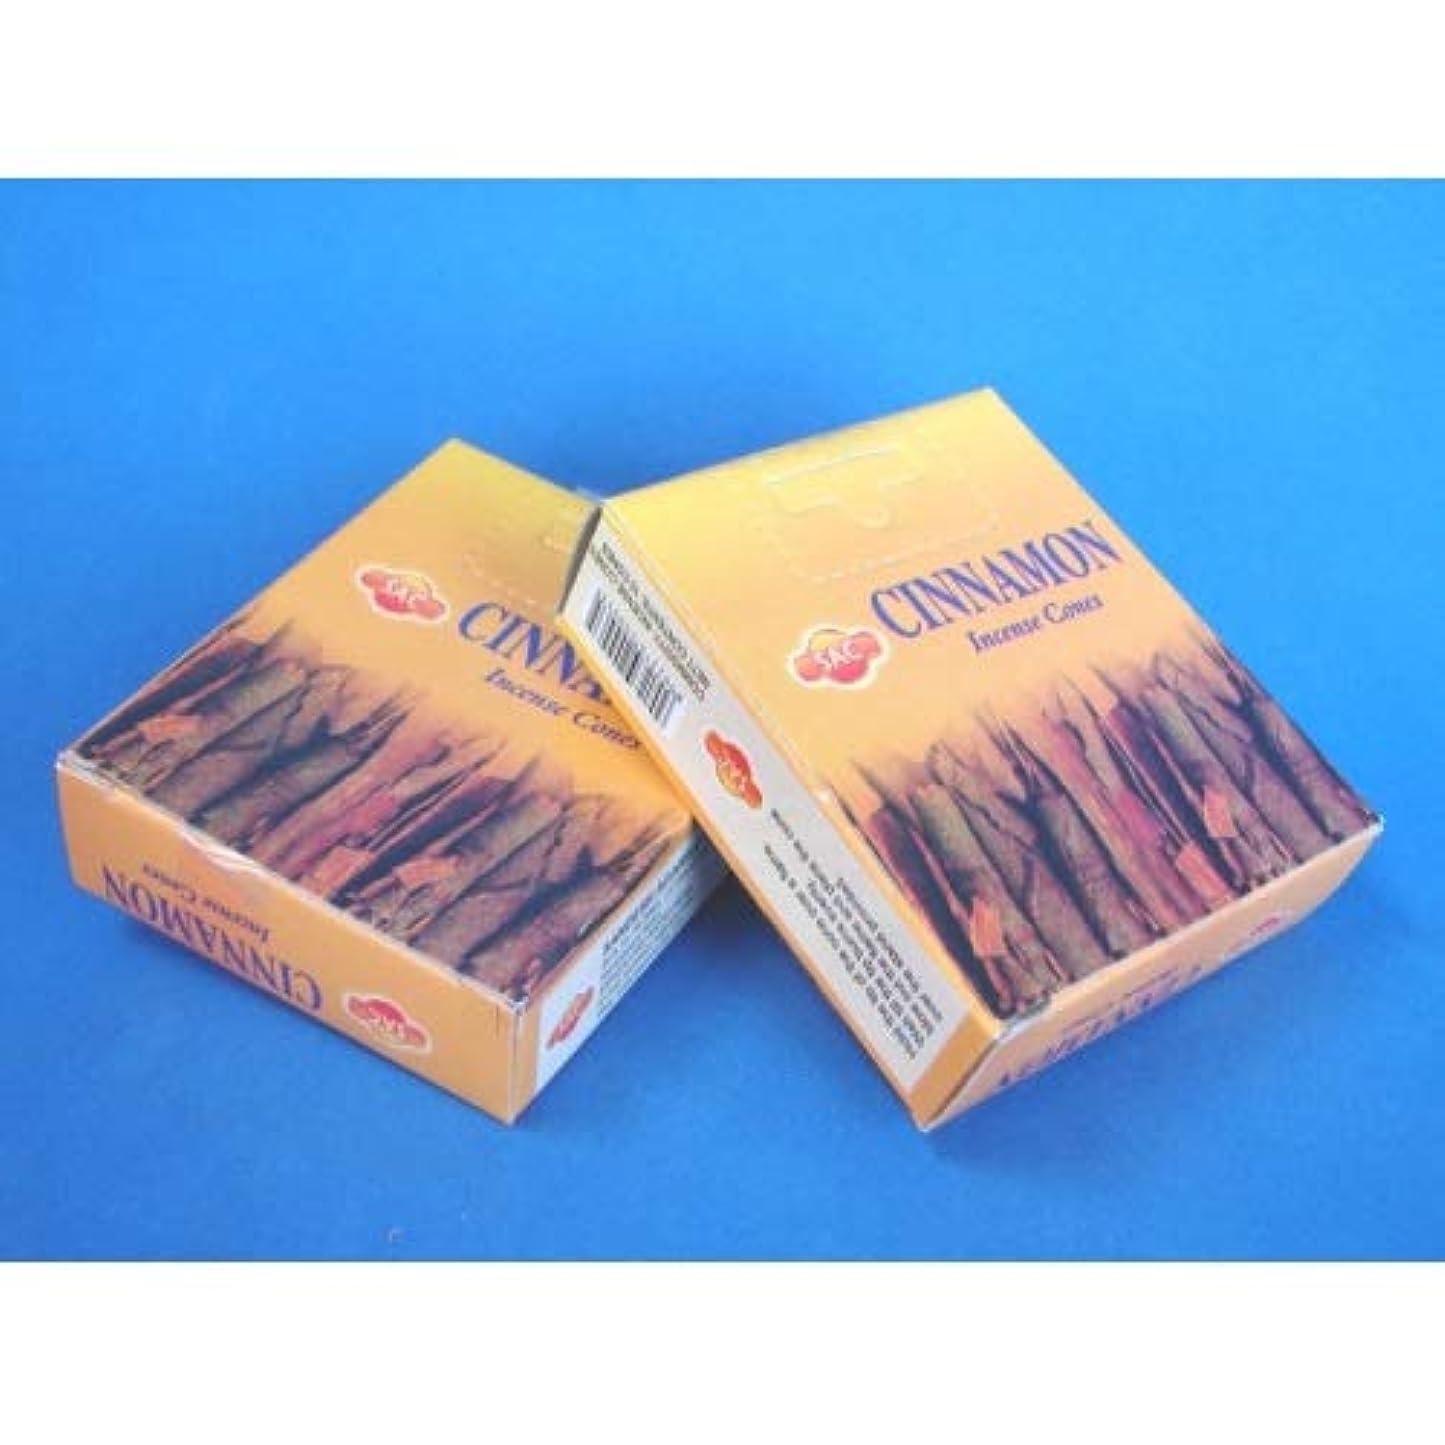 モンキーワンダーティッシュ2 Boxes of Cinnamon Incense Cones